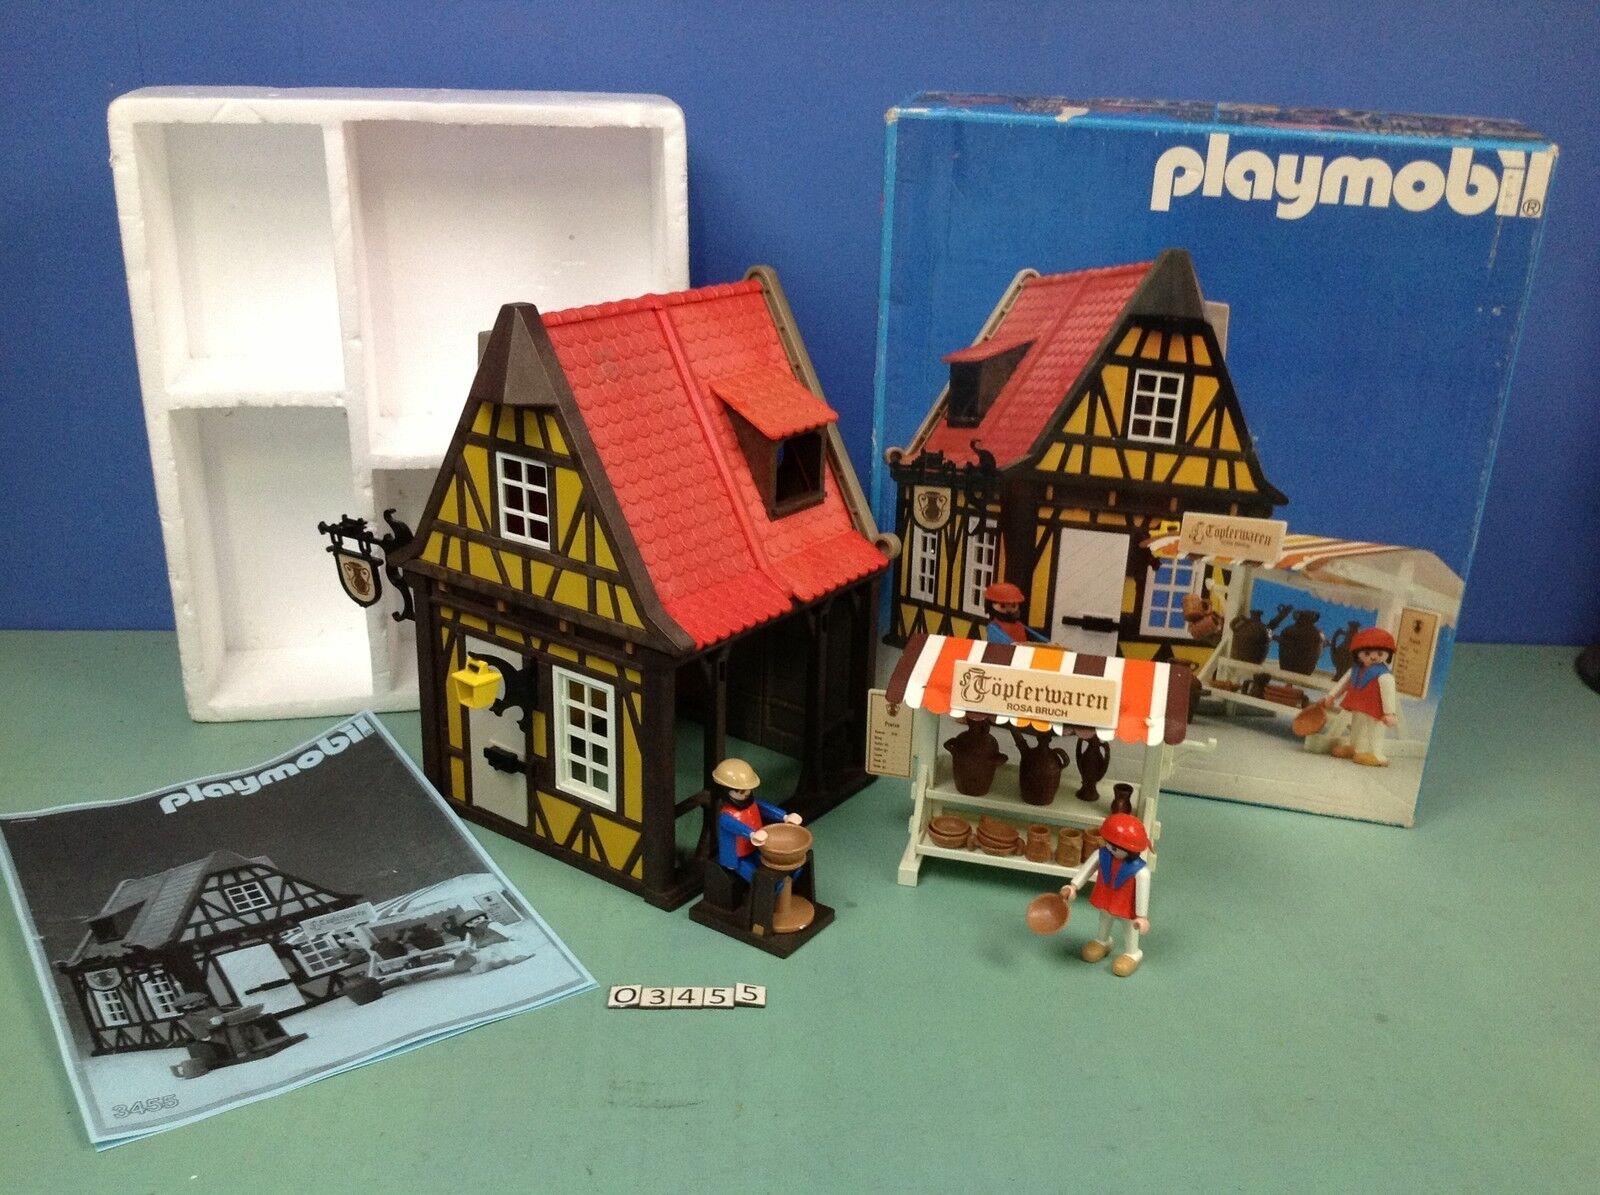 (O3455) Playmobil Casa Del Potter Castello Medievale Rif.  3455 3666  grande sconto